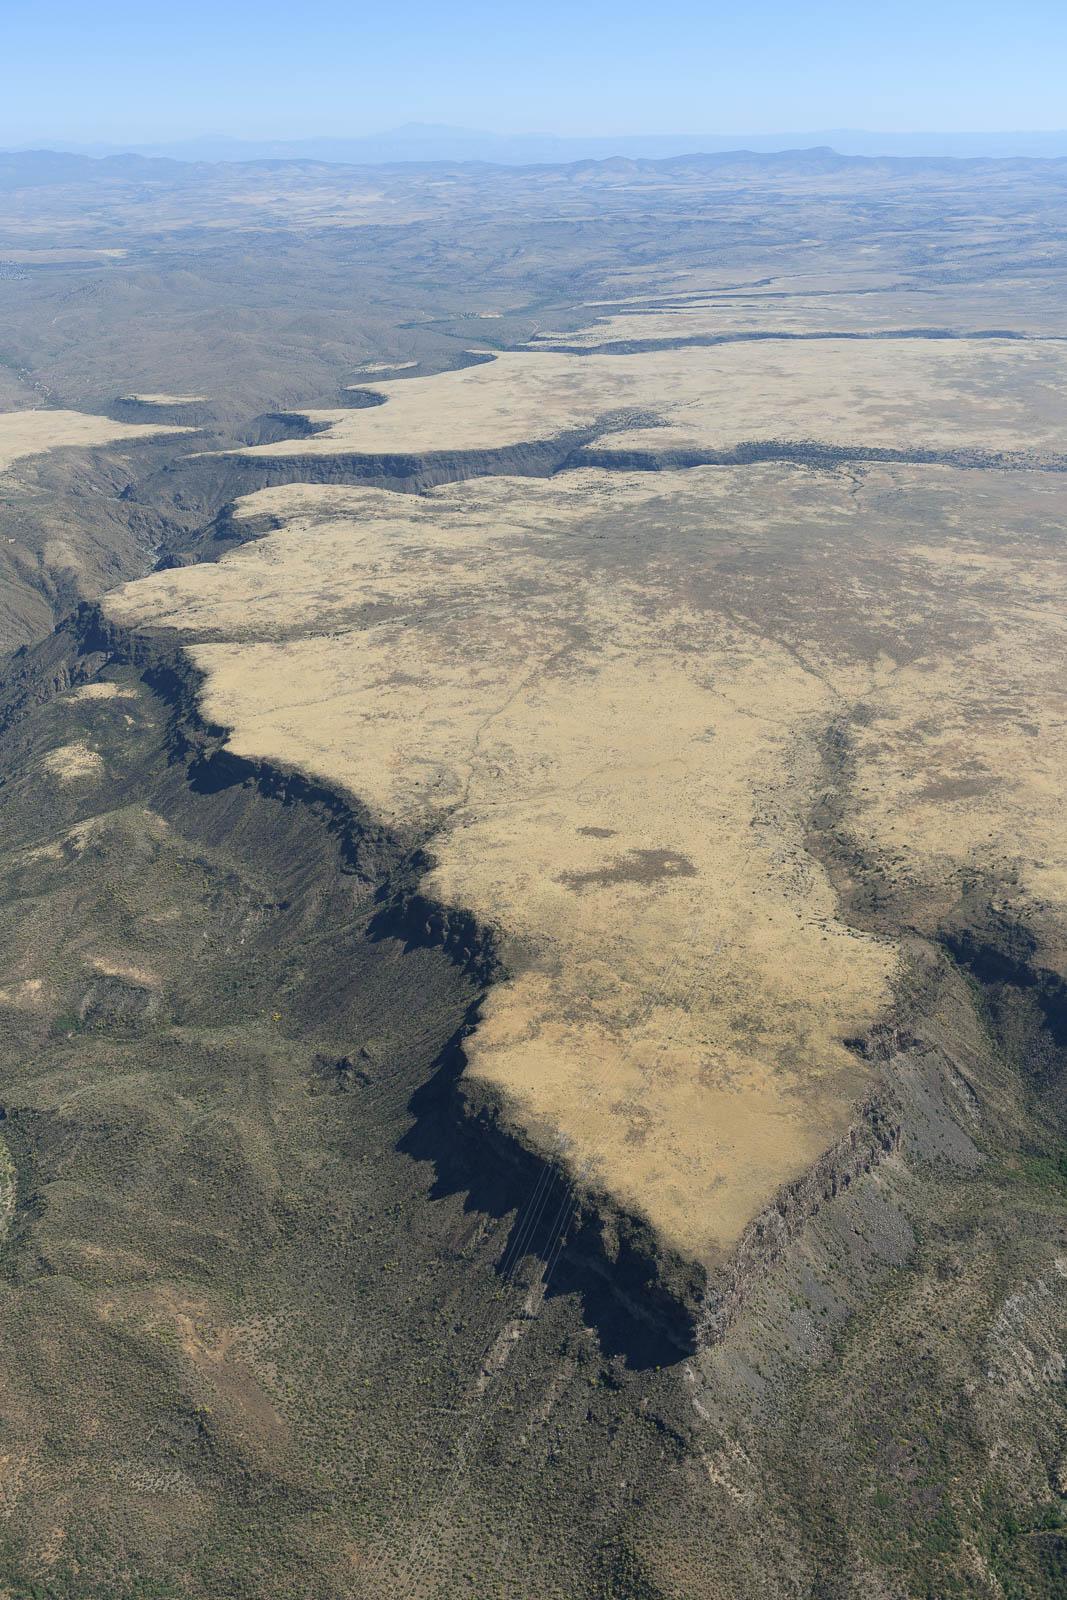 Southwestern Arizona